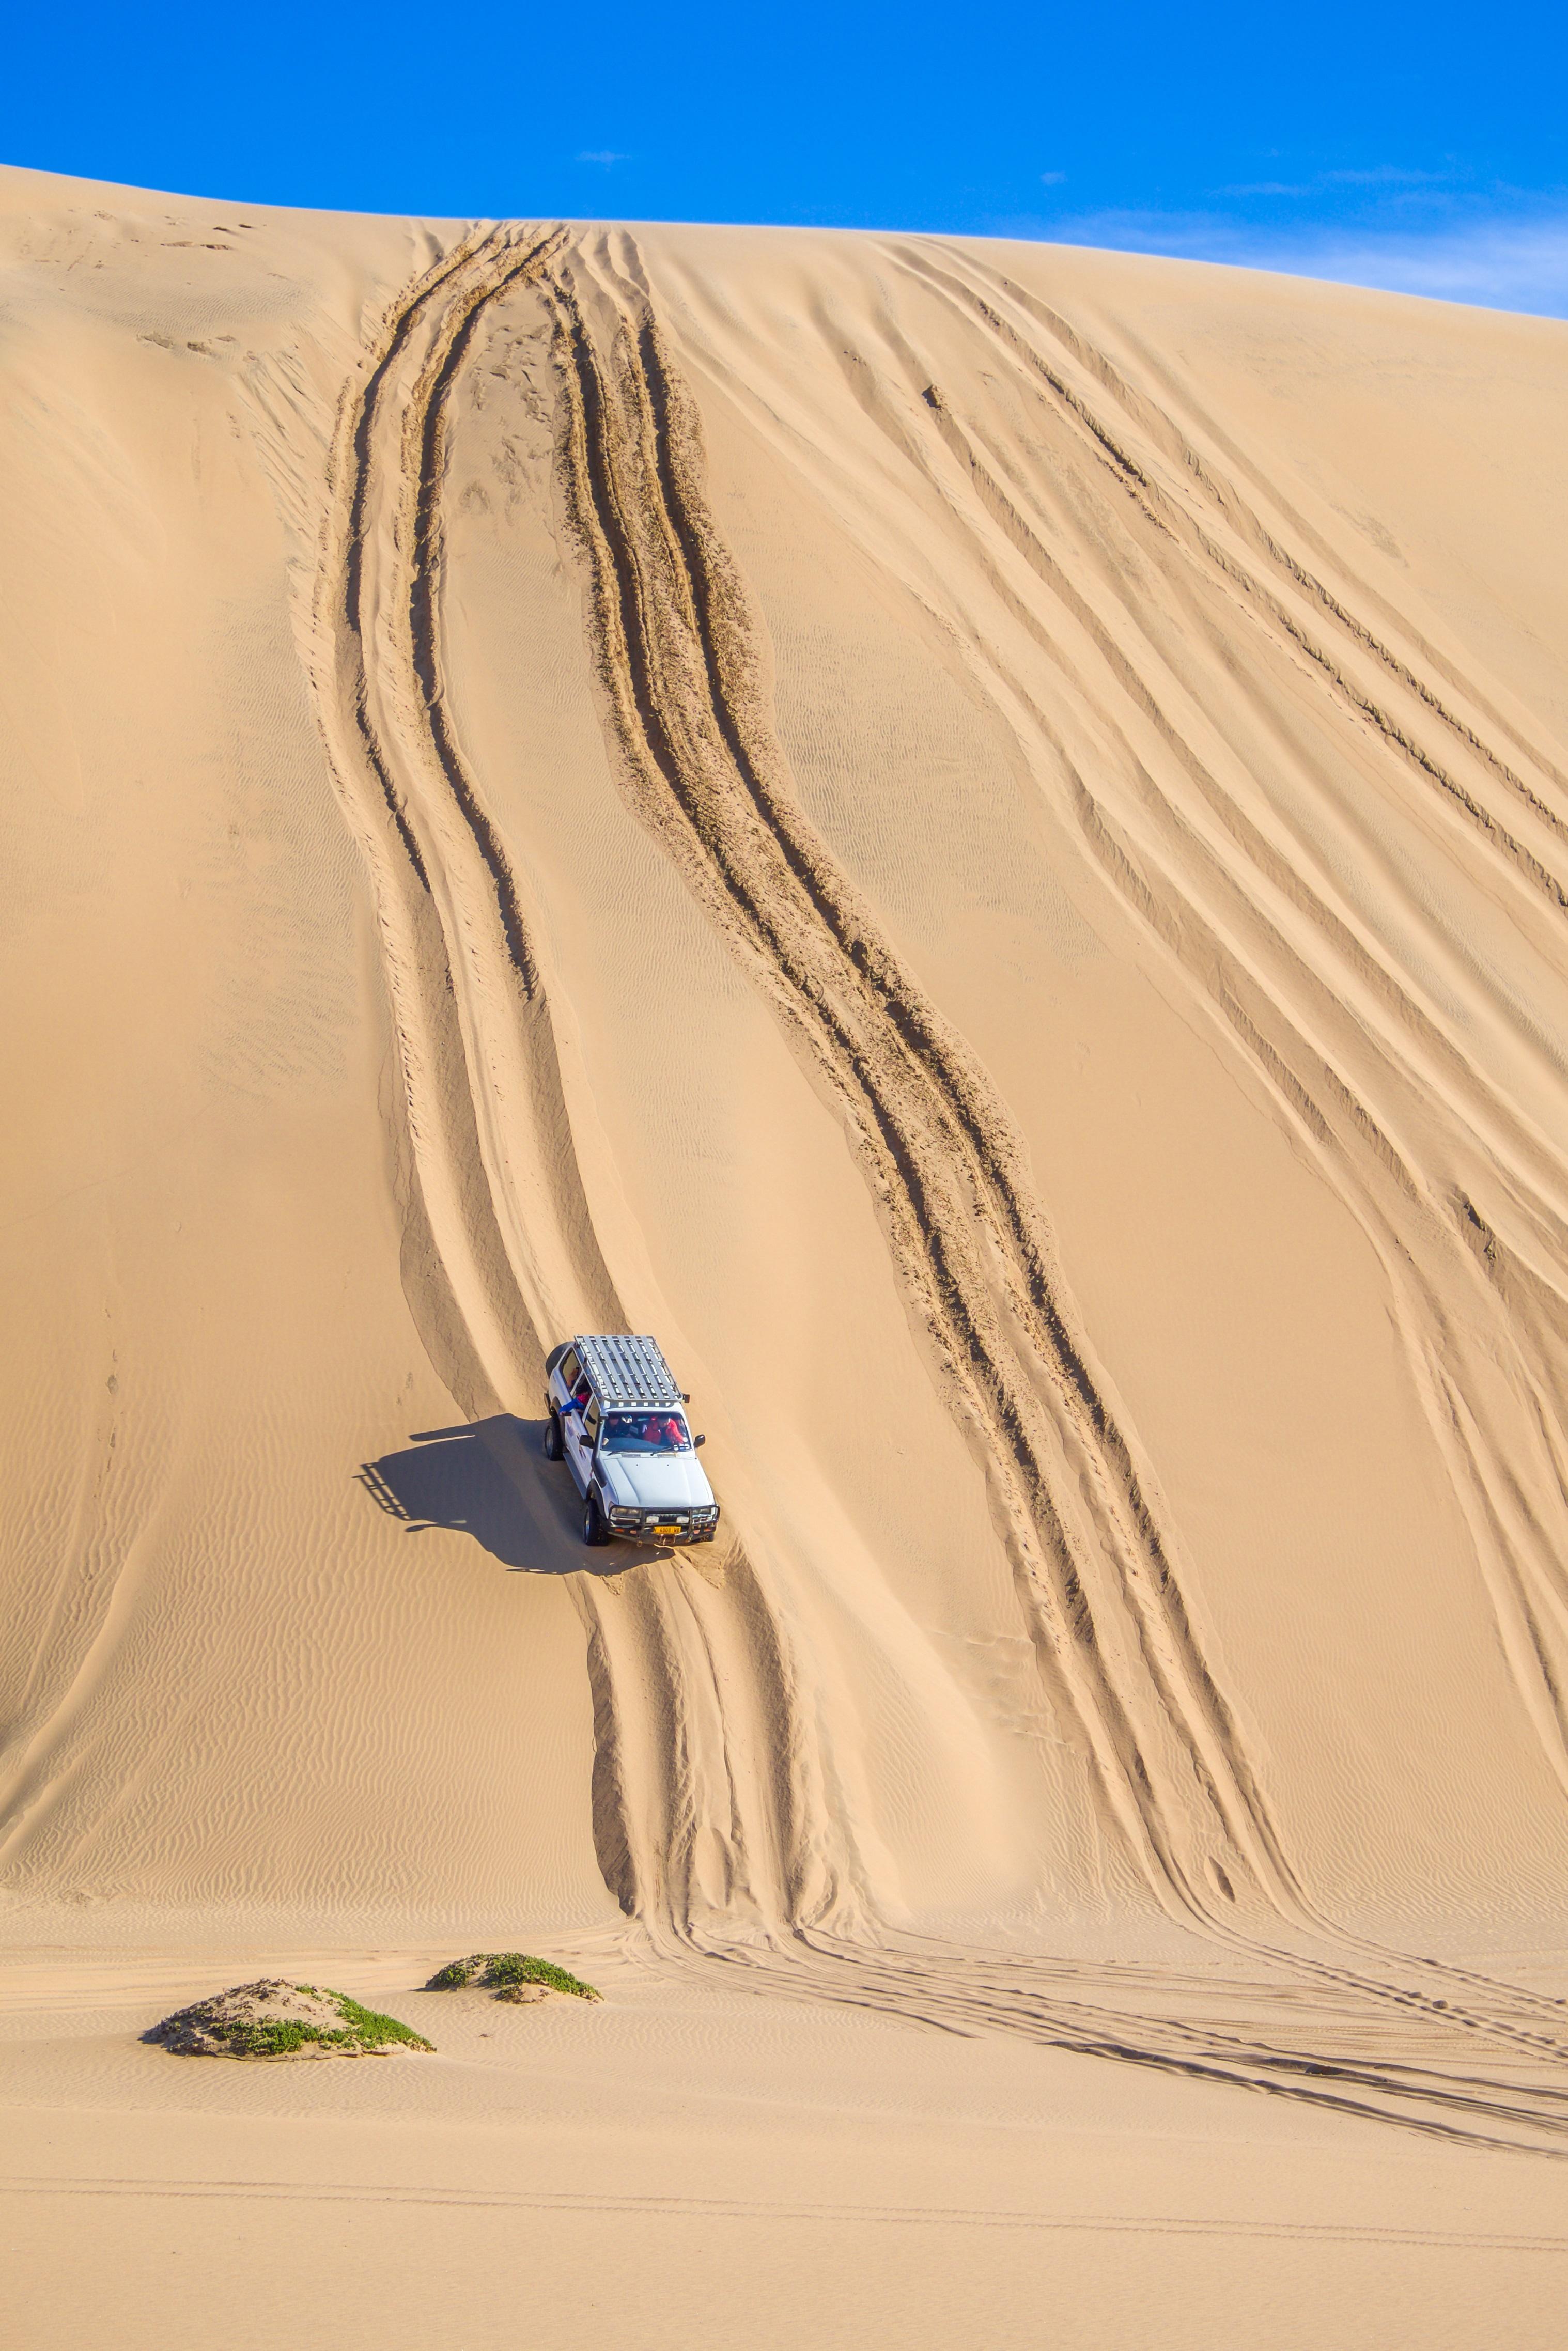 Namibia - den tham thung lung chet, thanh pho ma va dieu khong tuong hinh anh 21